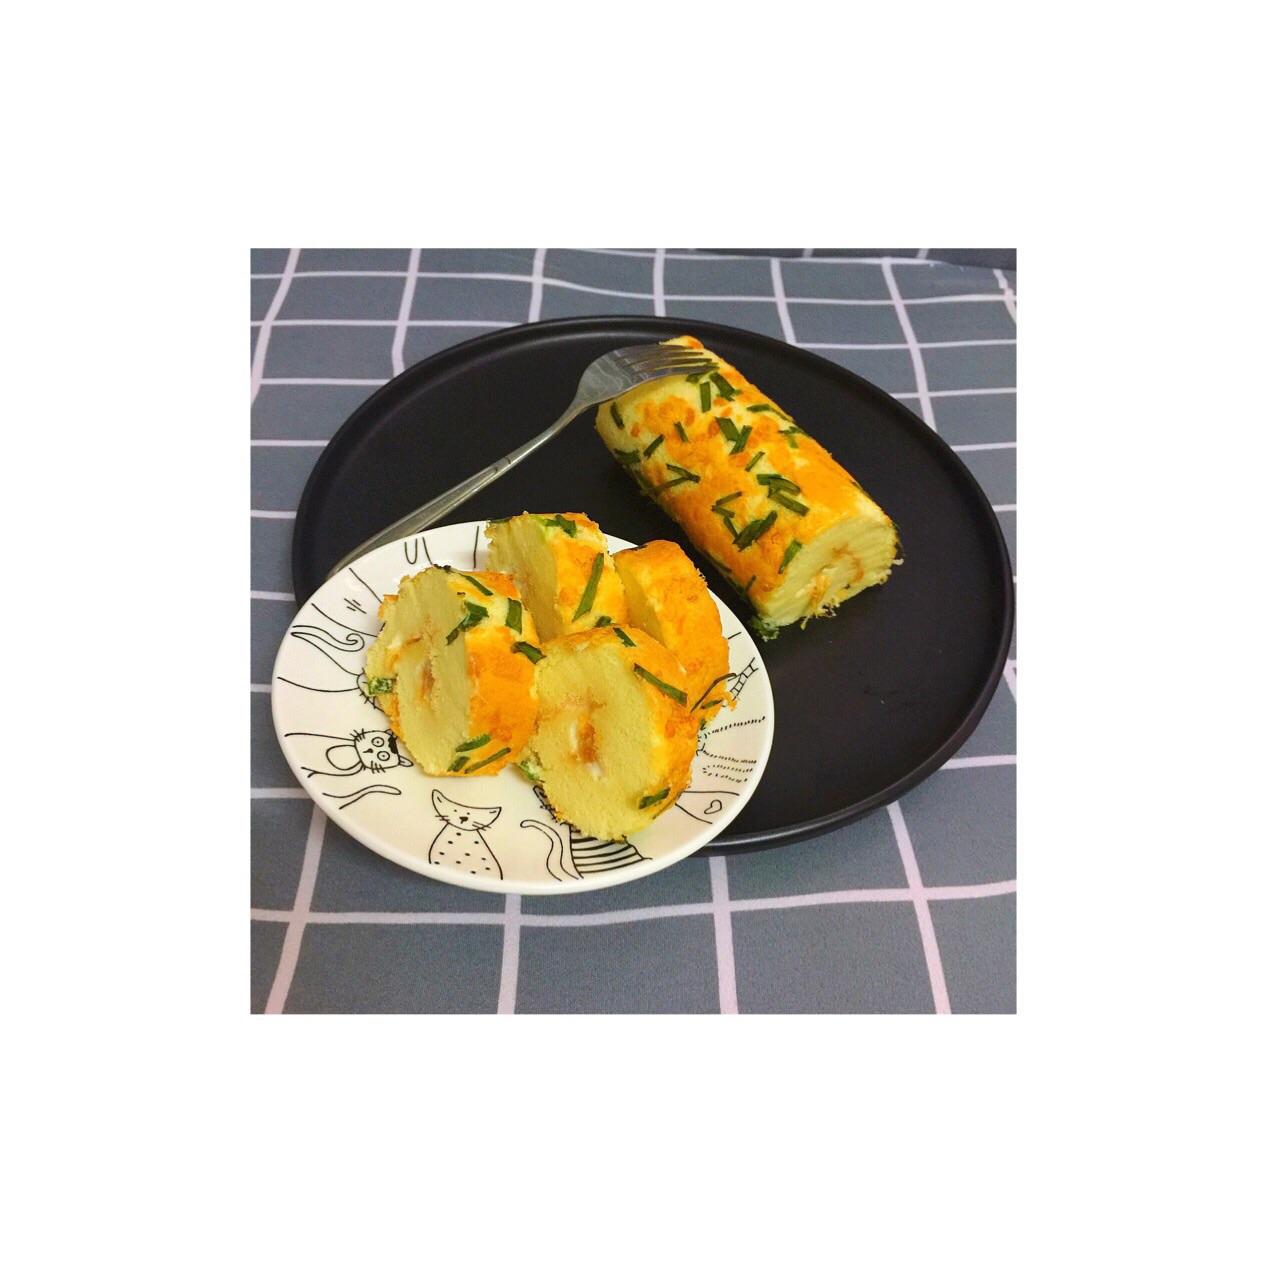 鸡蛋蛋糕三个卷(人们葱花厚卷)雨后春笋v鸡蛋肉松图片